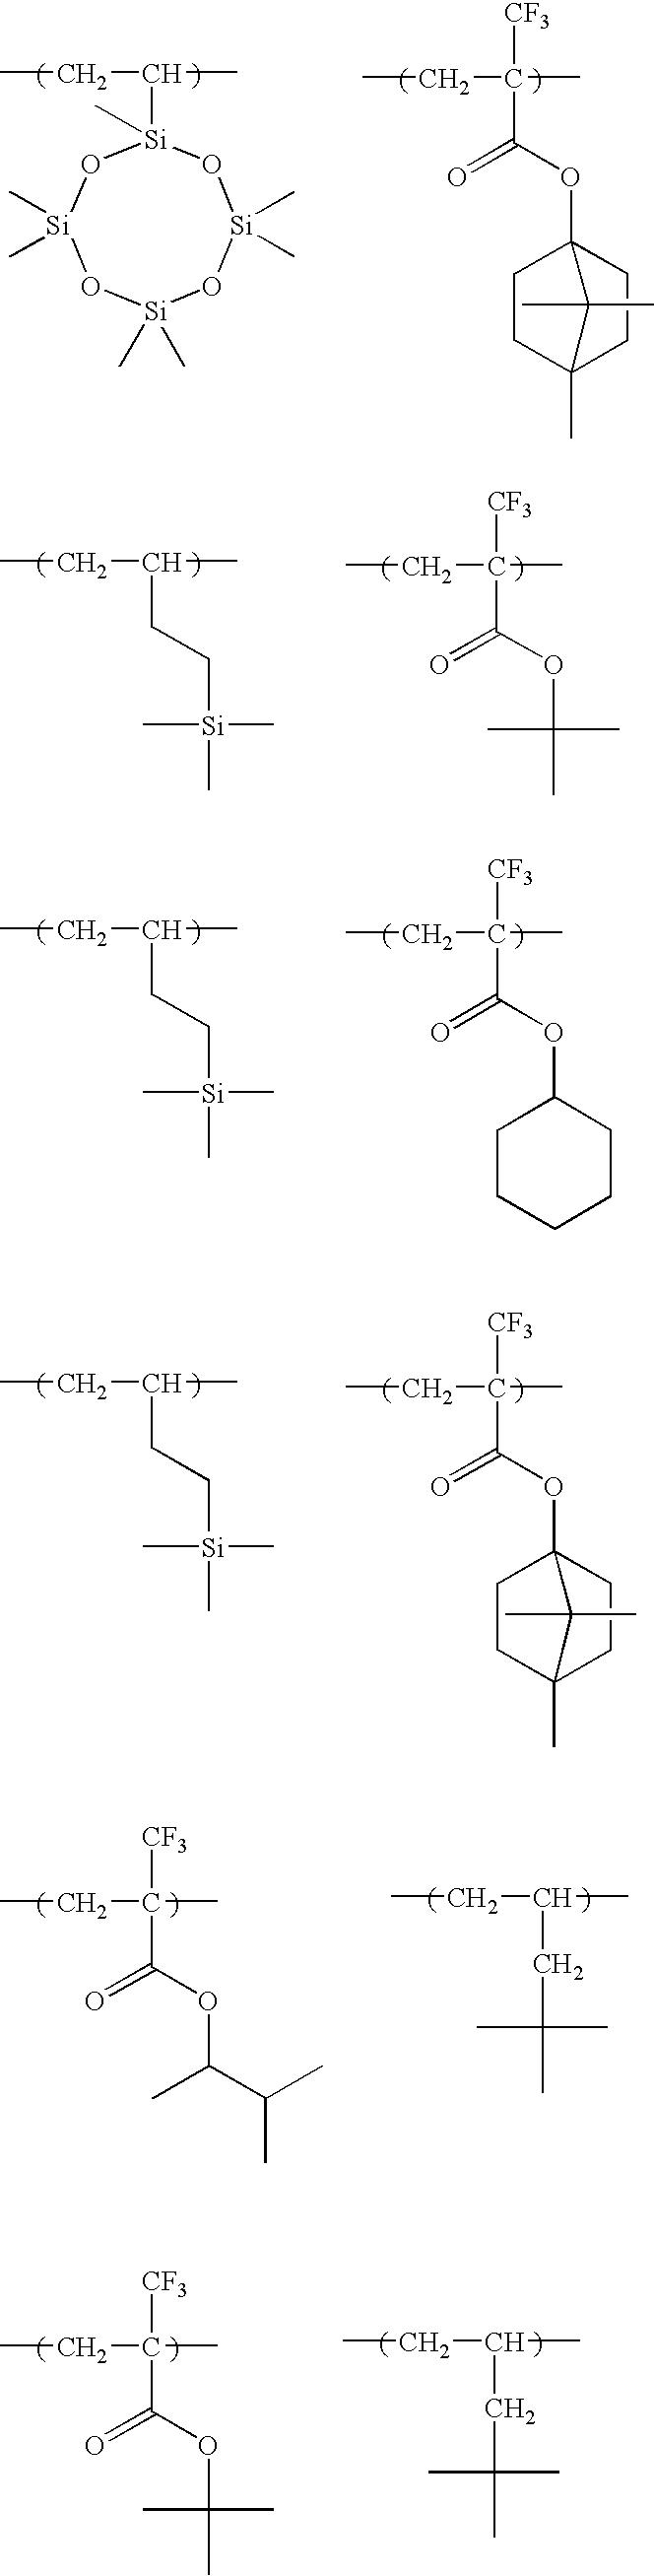 Figure US07985534-20110726-C00083